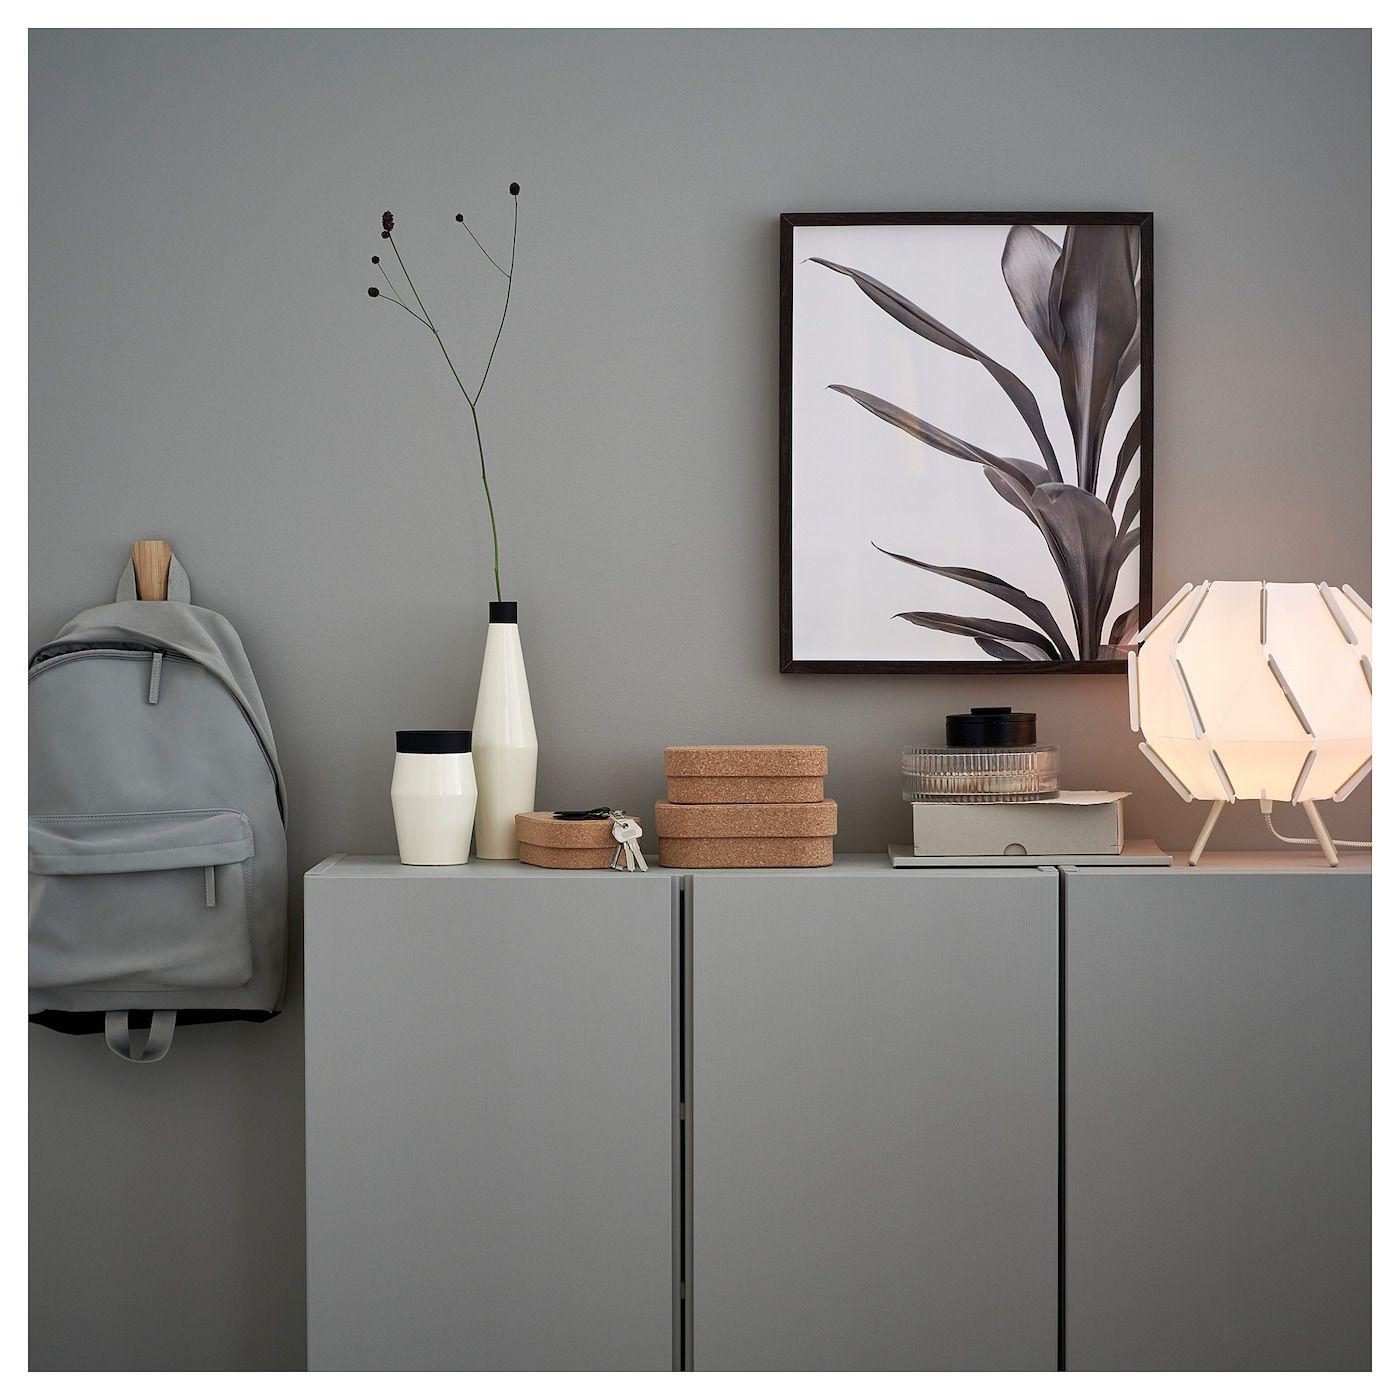 Ivar Schrank Kiefer Ikea Deutschland Living Room Lighting